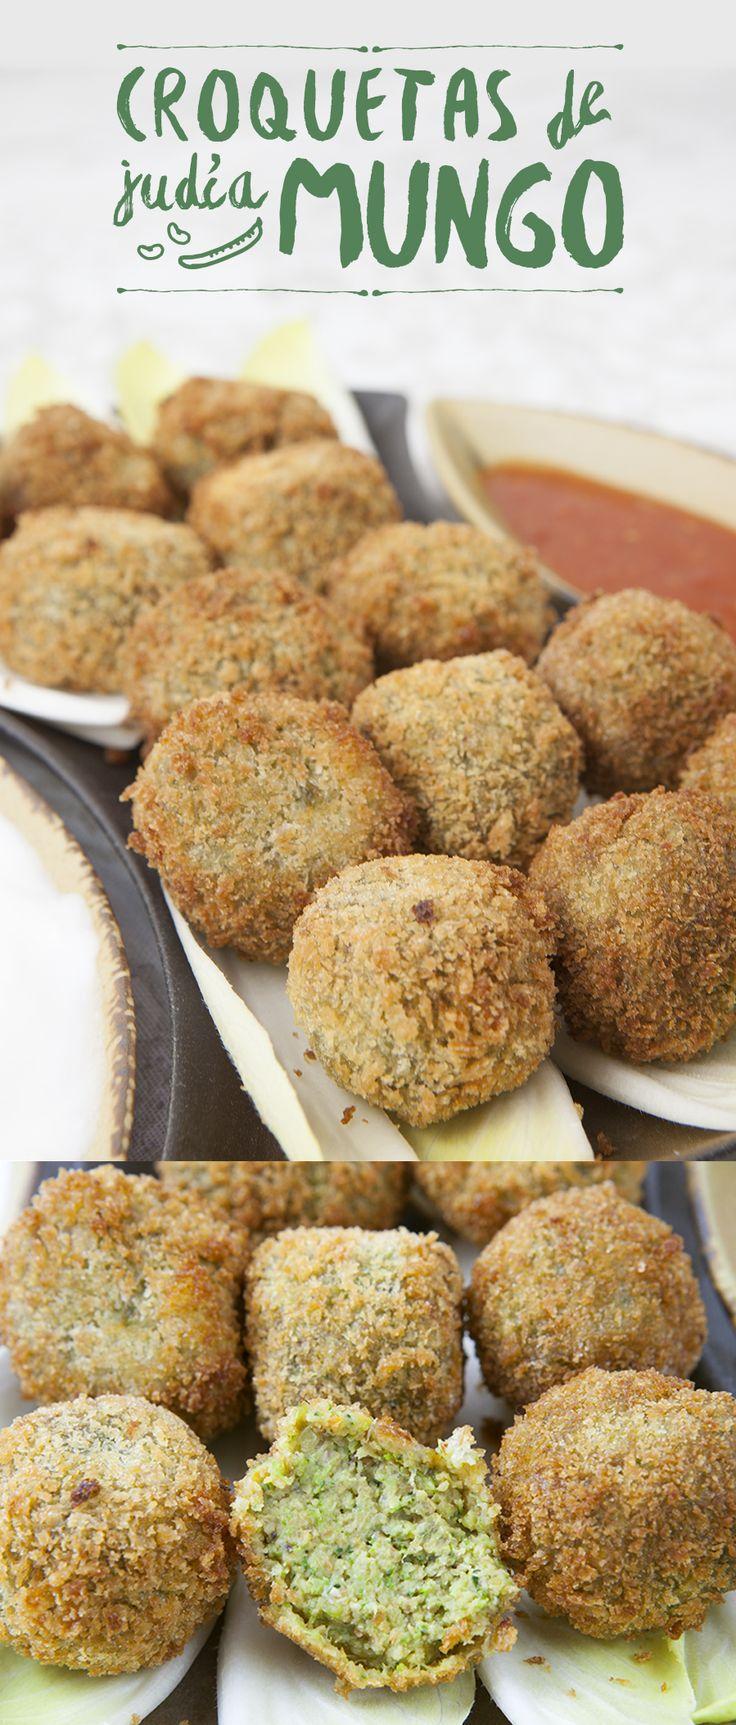 deliciosas croquetas de judía #mungo con #verduras, #lechedecoco y #chili. Rebozadas con harina de arroz y #panko